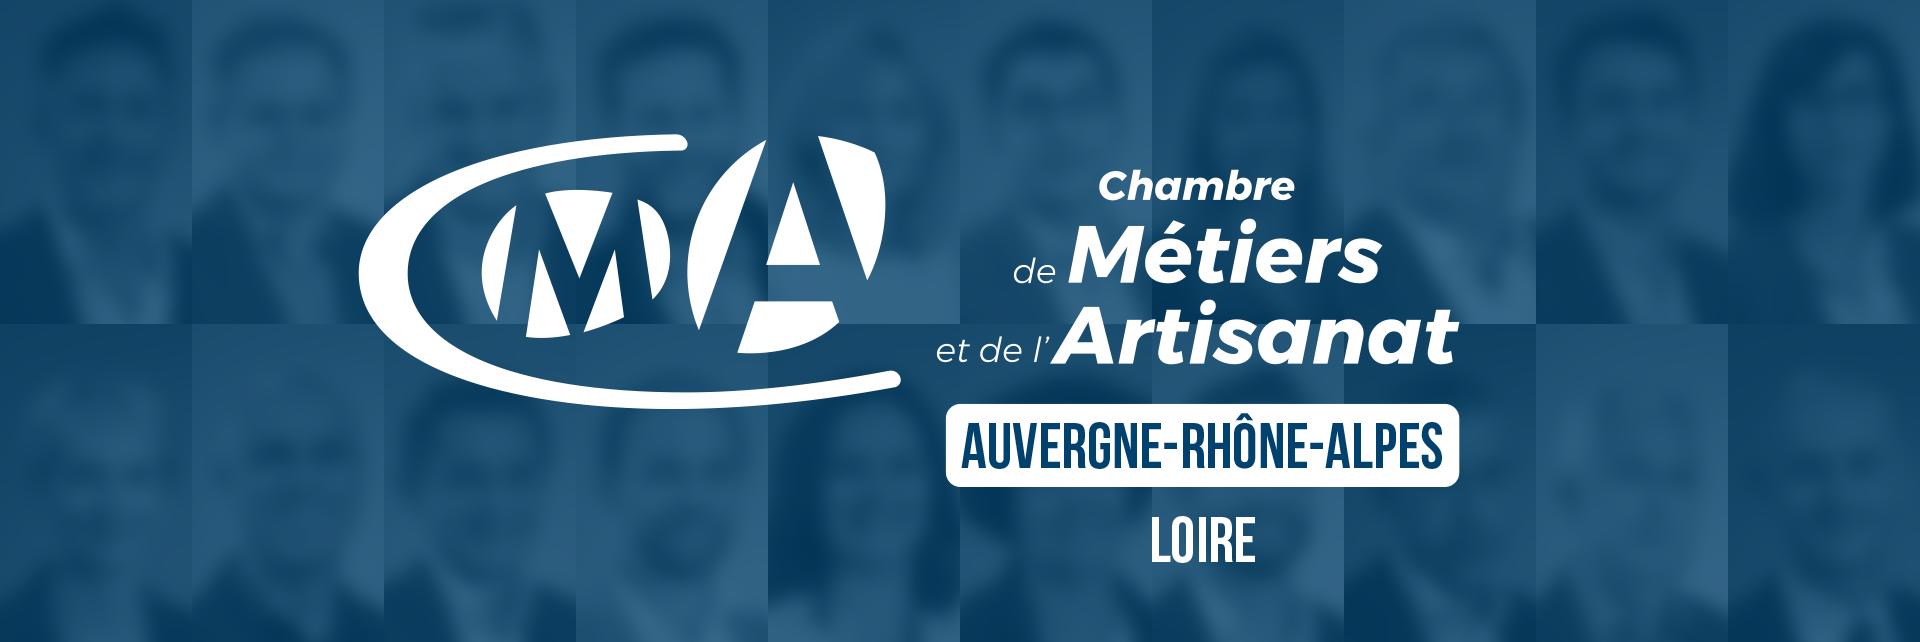 CMA loire CMA AUvergne-Rhône-Alpes - équipe de direction